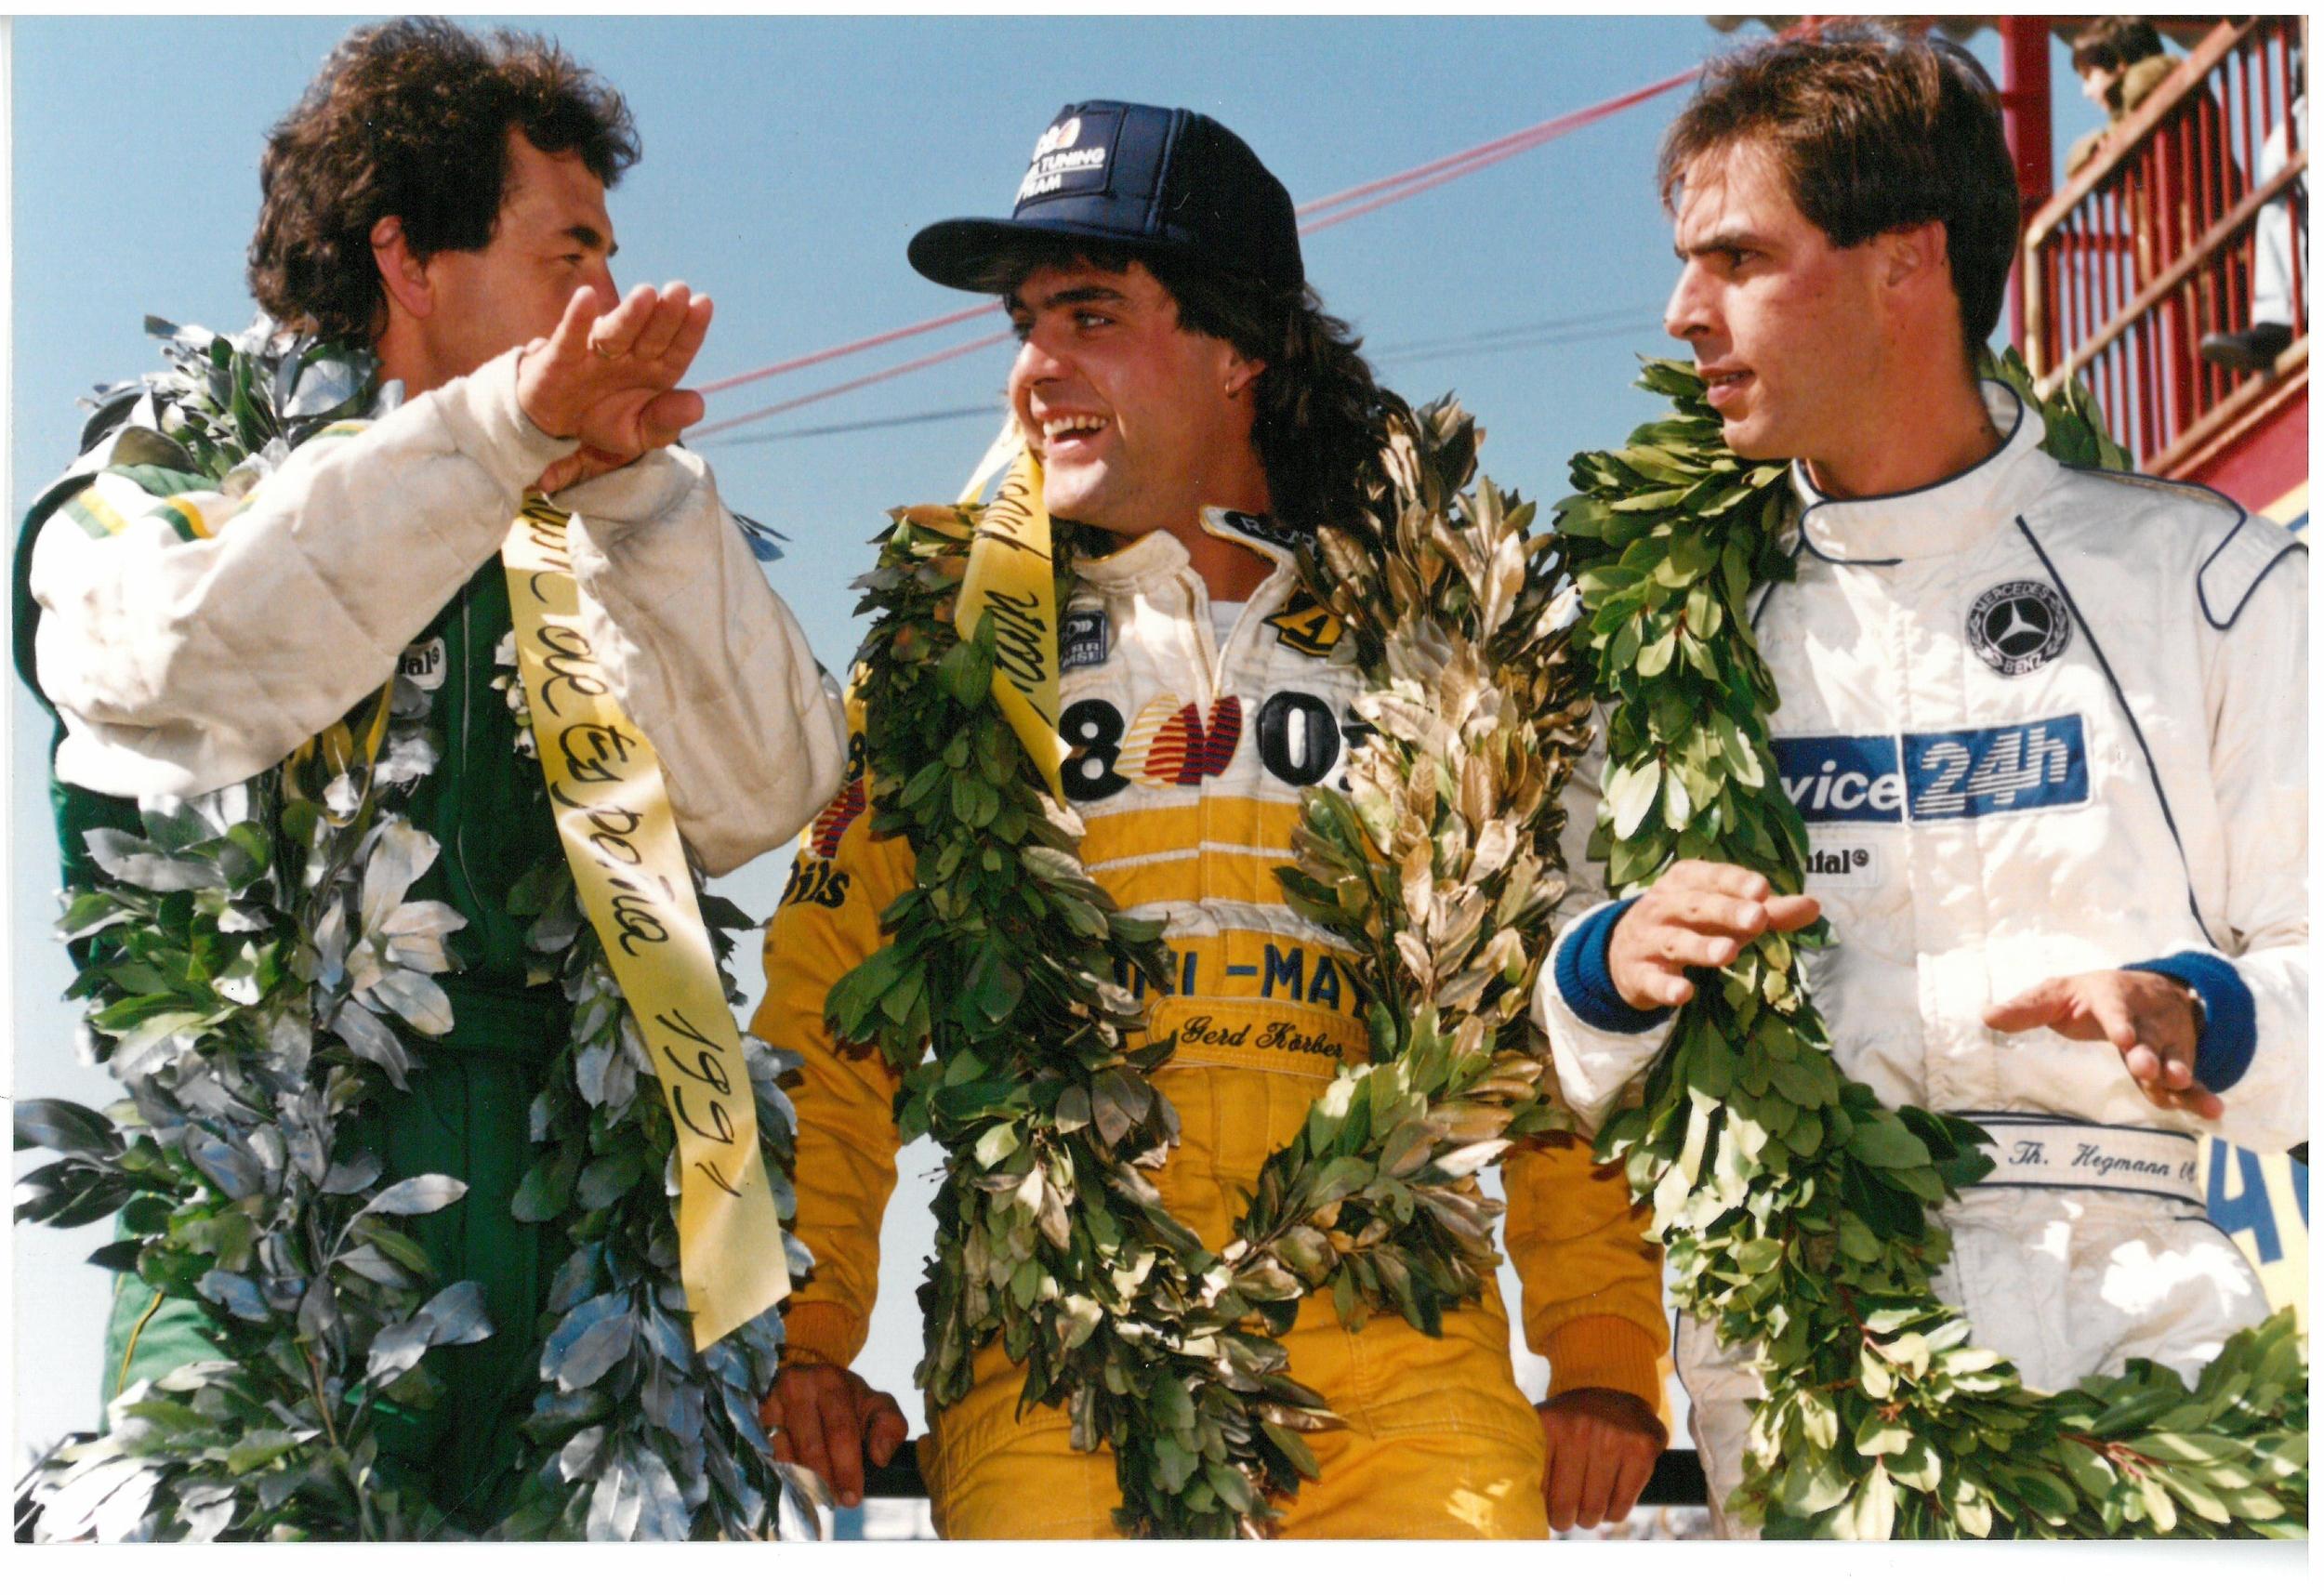 Nürburgring 1990